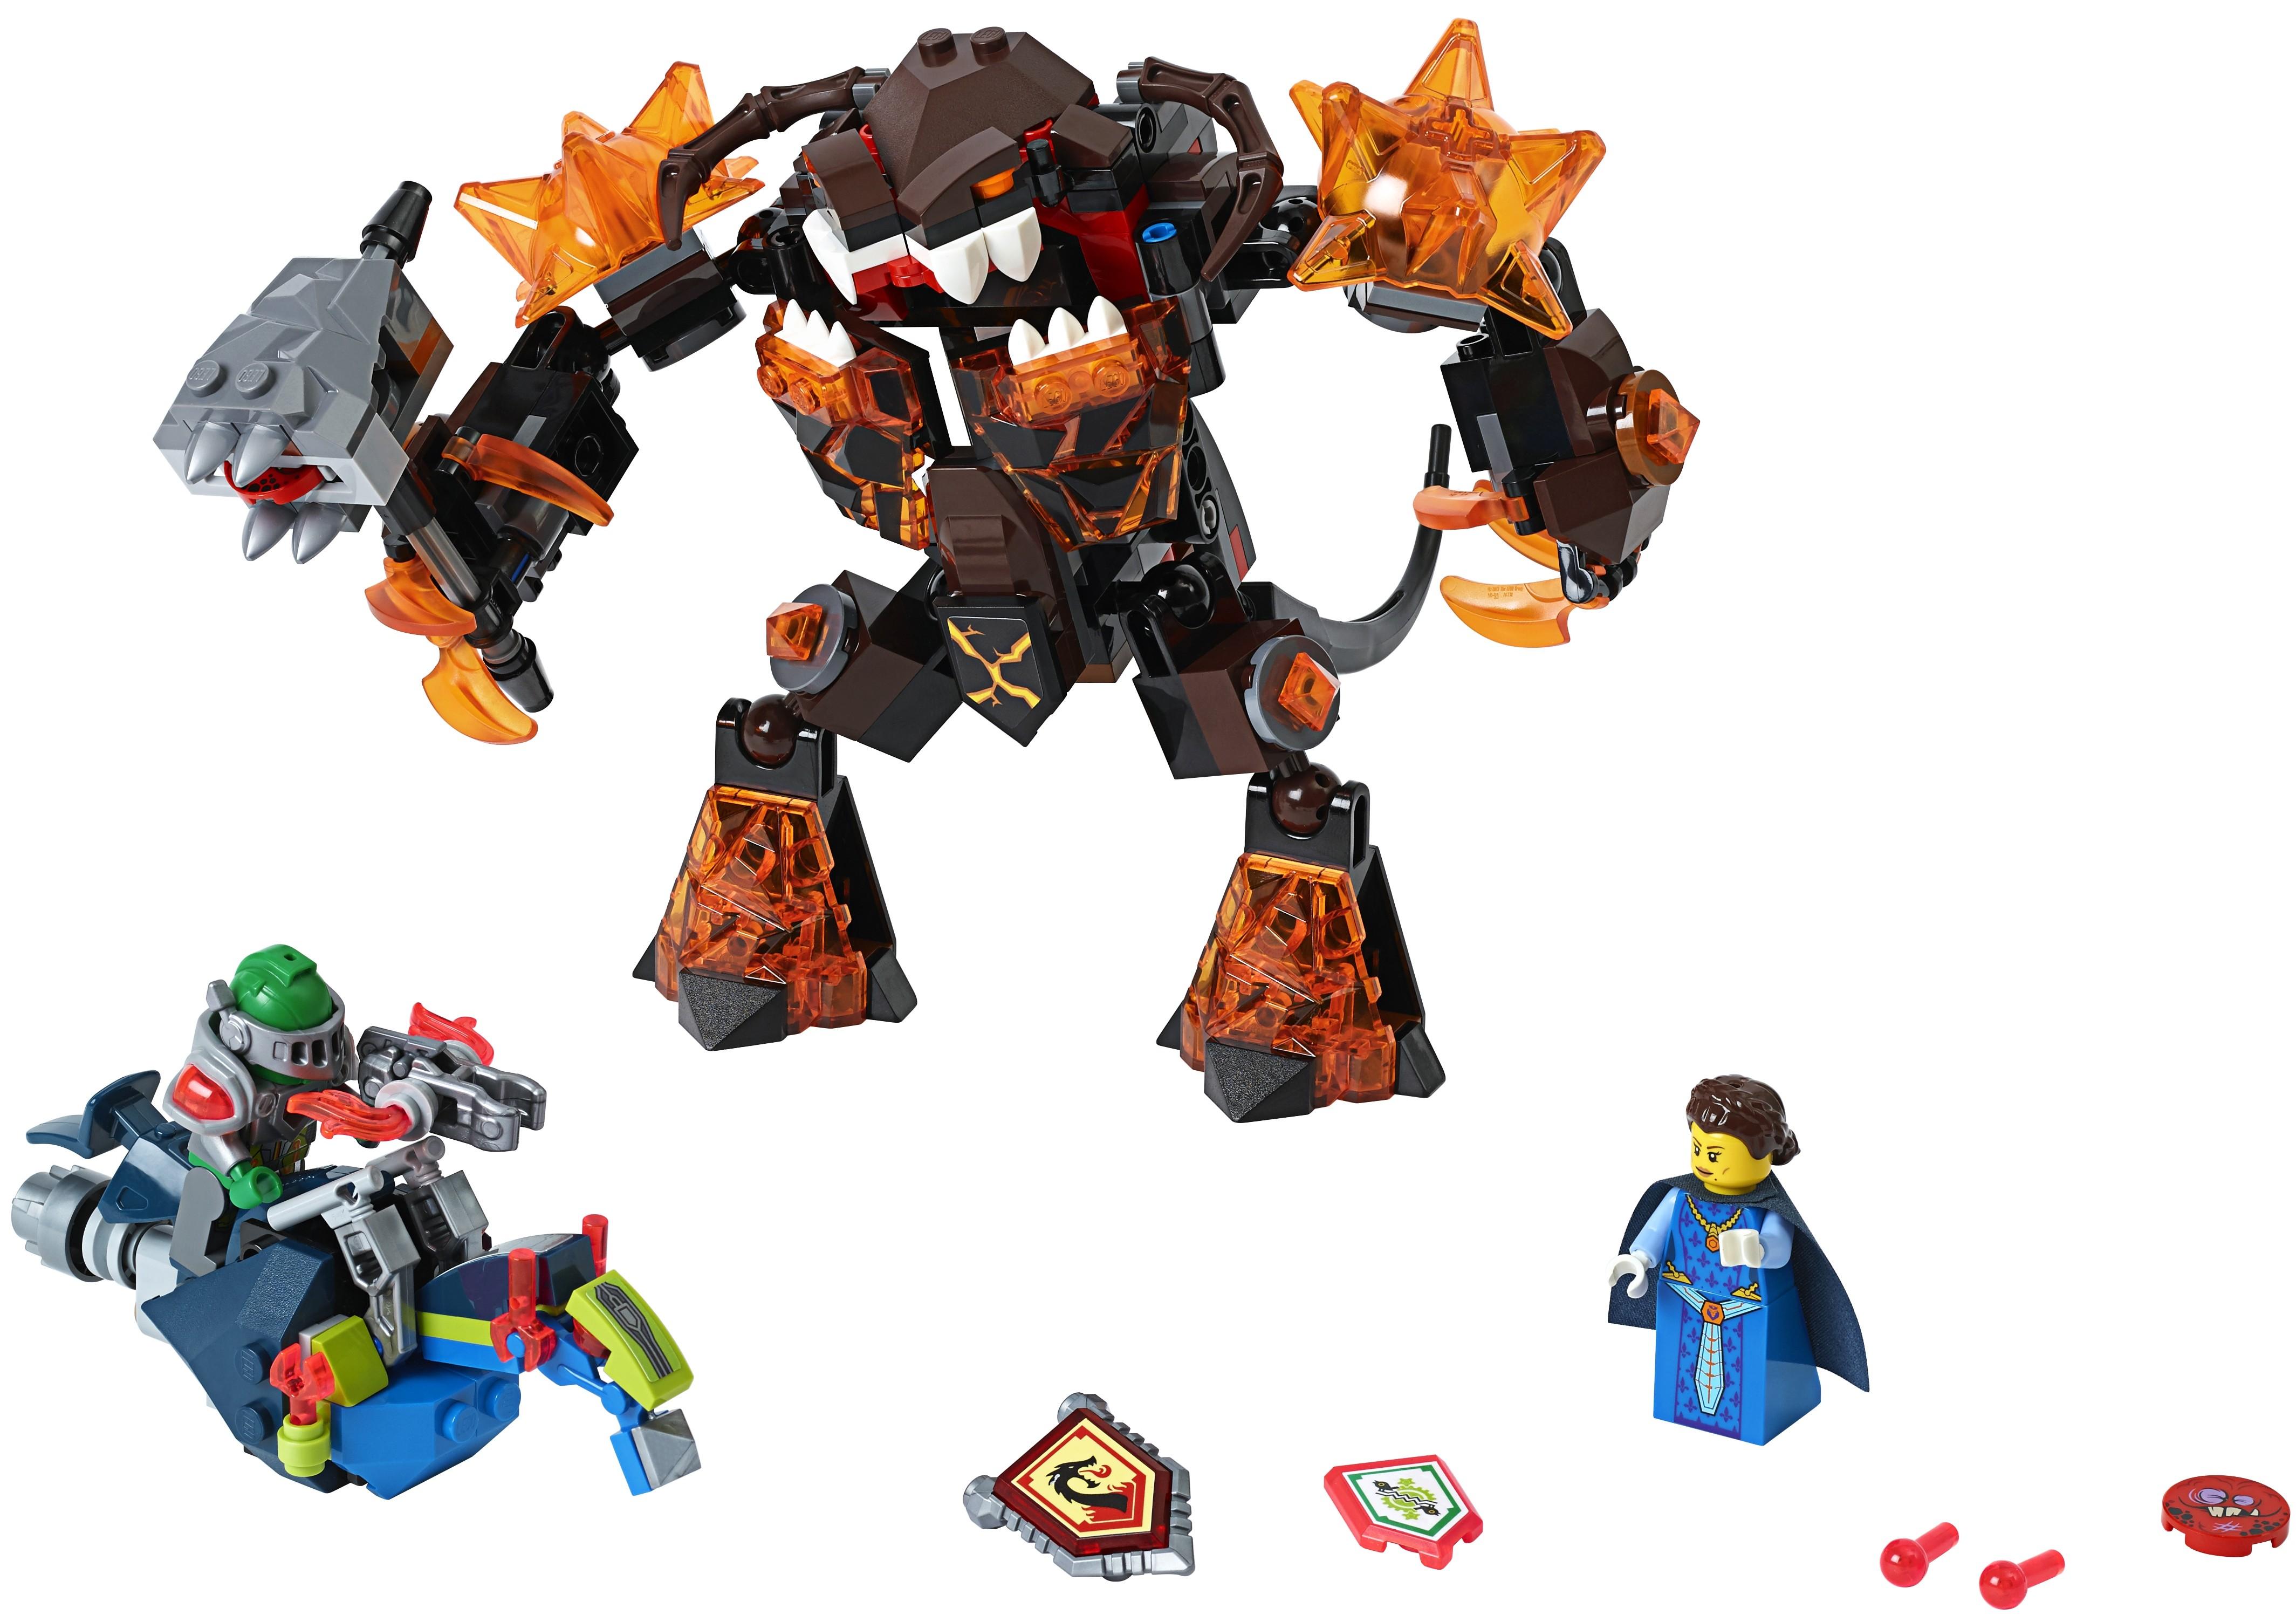 Конструктор LEGO Nexo Knights Инфернокс и захват королевы (70325) цена